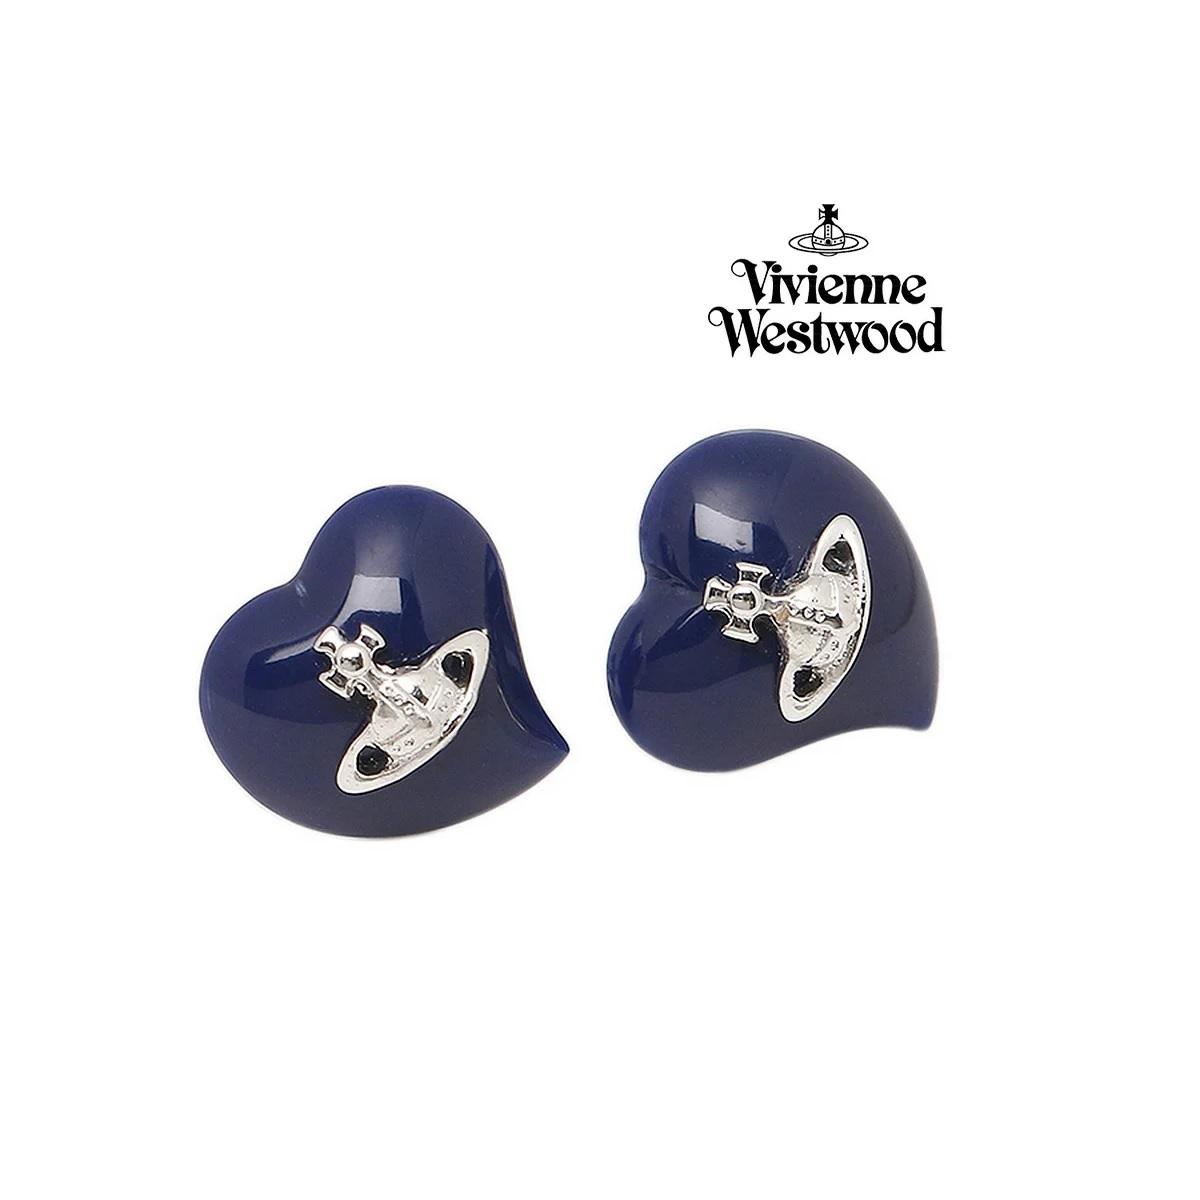 【大特価】◆新品 ヴィヴィアン・ウエストウッド / ピアス Vivienne Westwood BE165 33 正規品